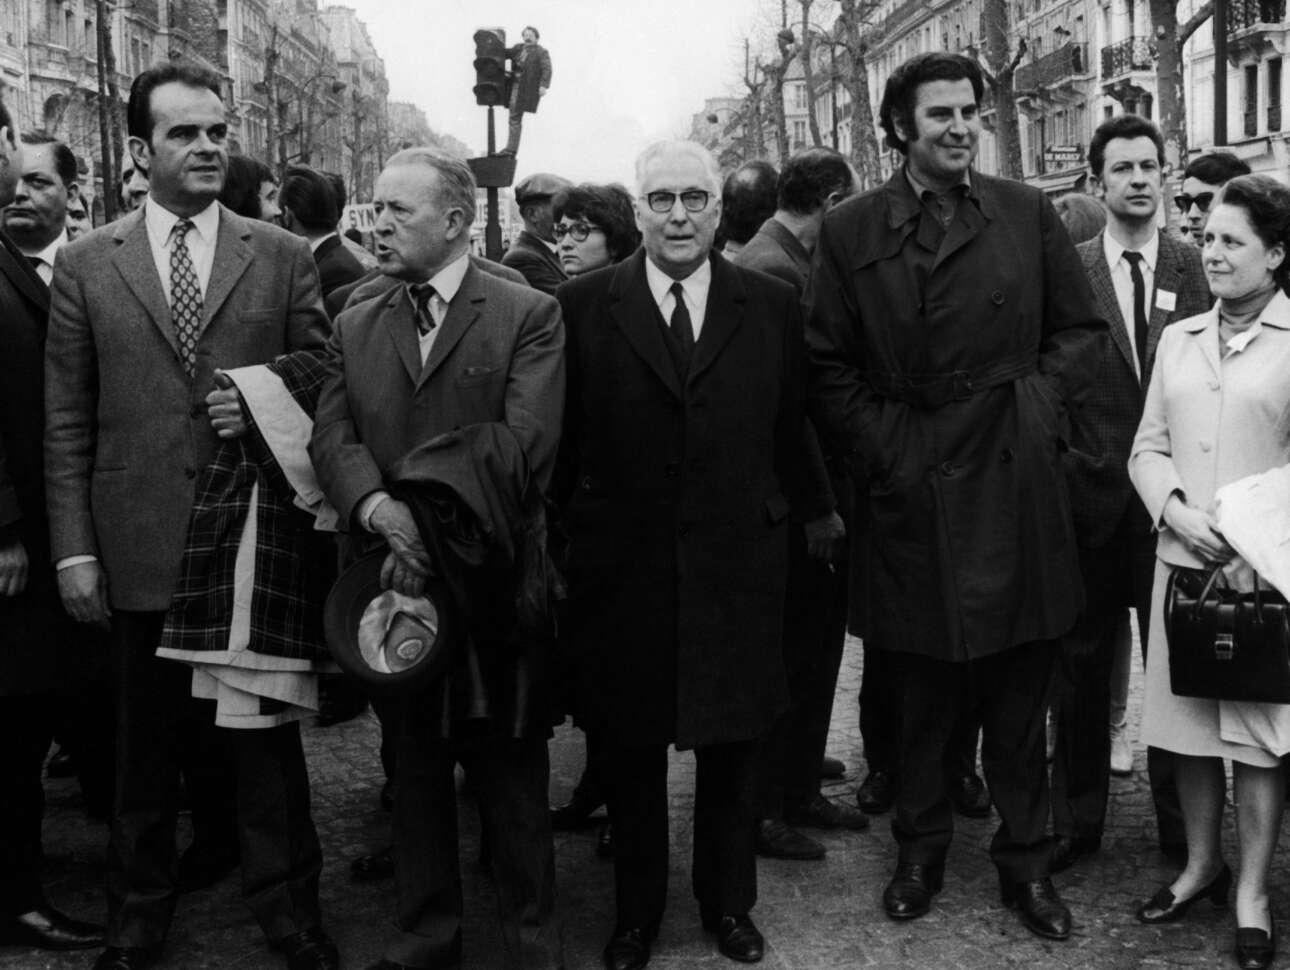 Πρωτομαγιά του 1970, ο Μίκης Θεοδωράκης στο Παρίσι στην πορεία του Κομμουνιστικού Κομματος Γαλλίας. Αριστερά στην εικόνα ο Ζορζ Μαρσέ, θρυλικός ηγέτης της γαλλικής Αριστεράς